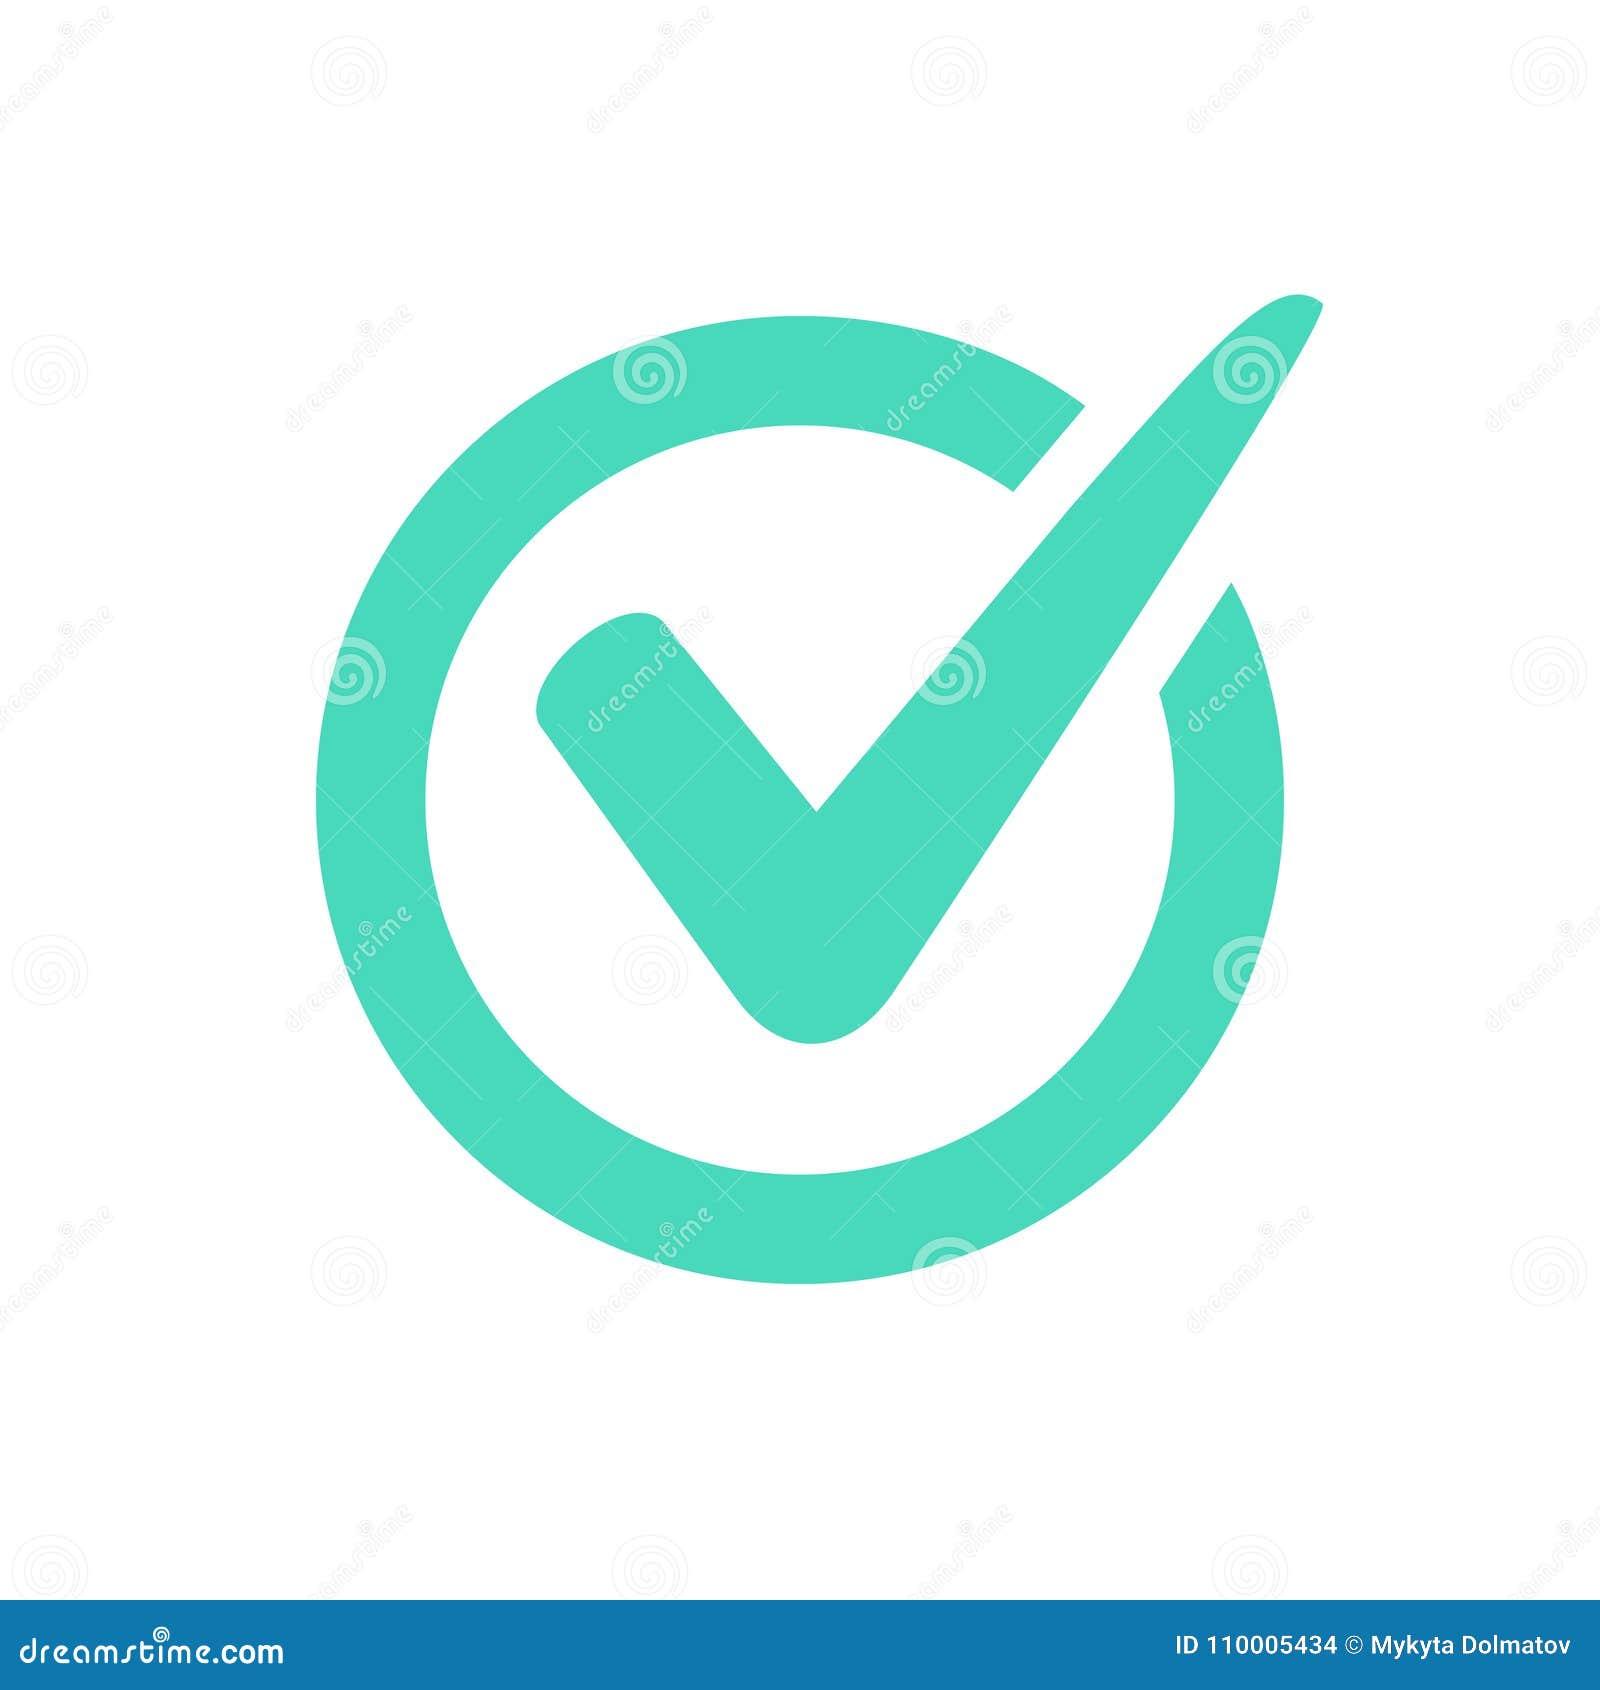 Logotipo o icono de la marca de verificación